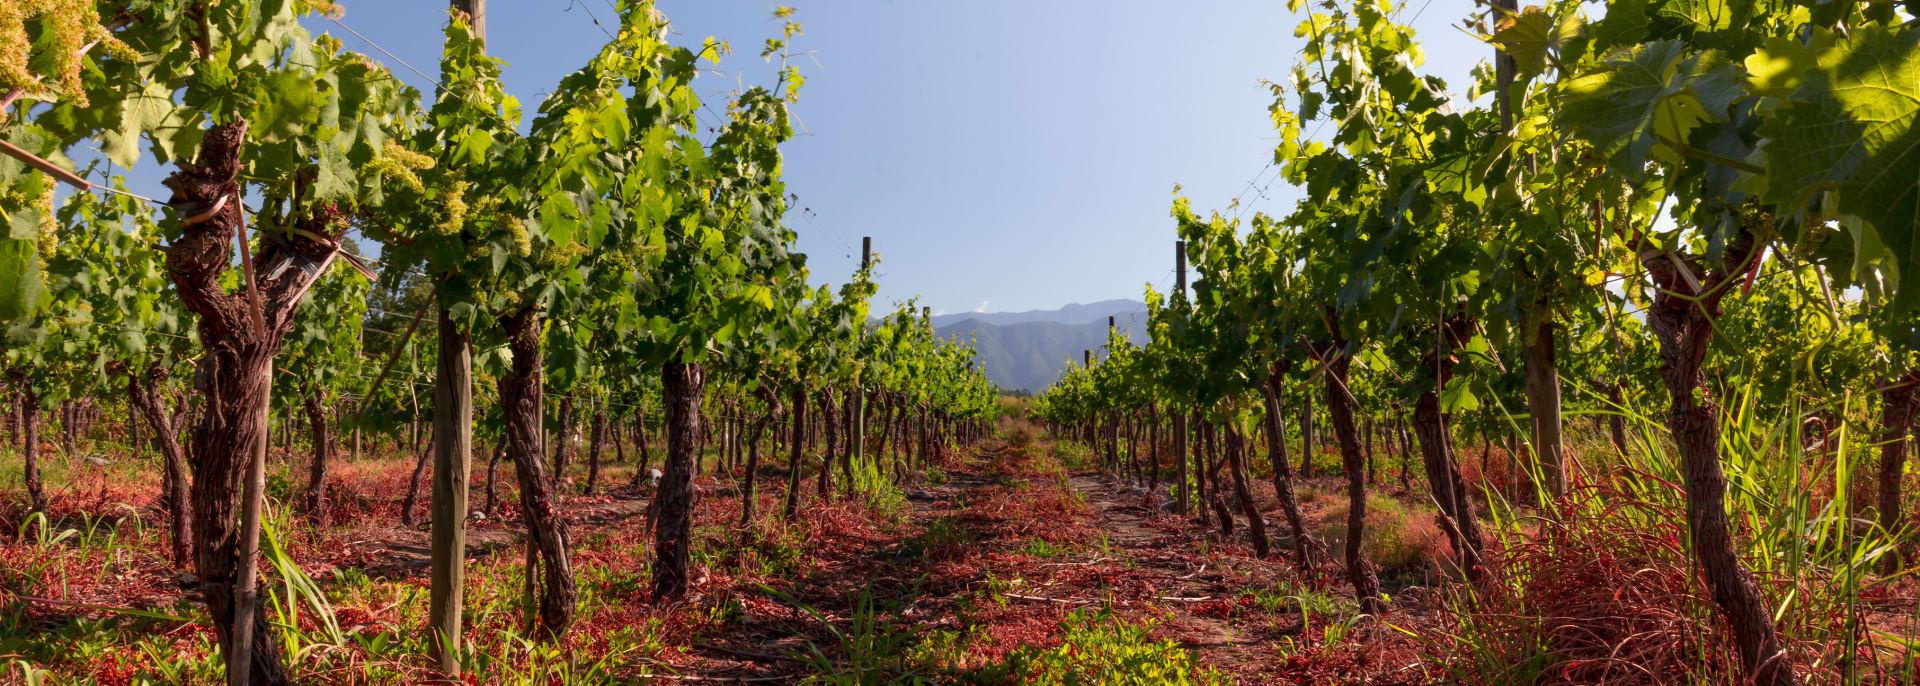 Chilenisches Weingut, Chile